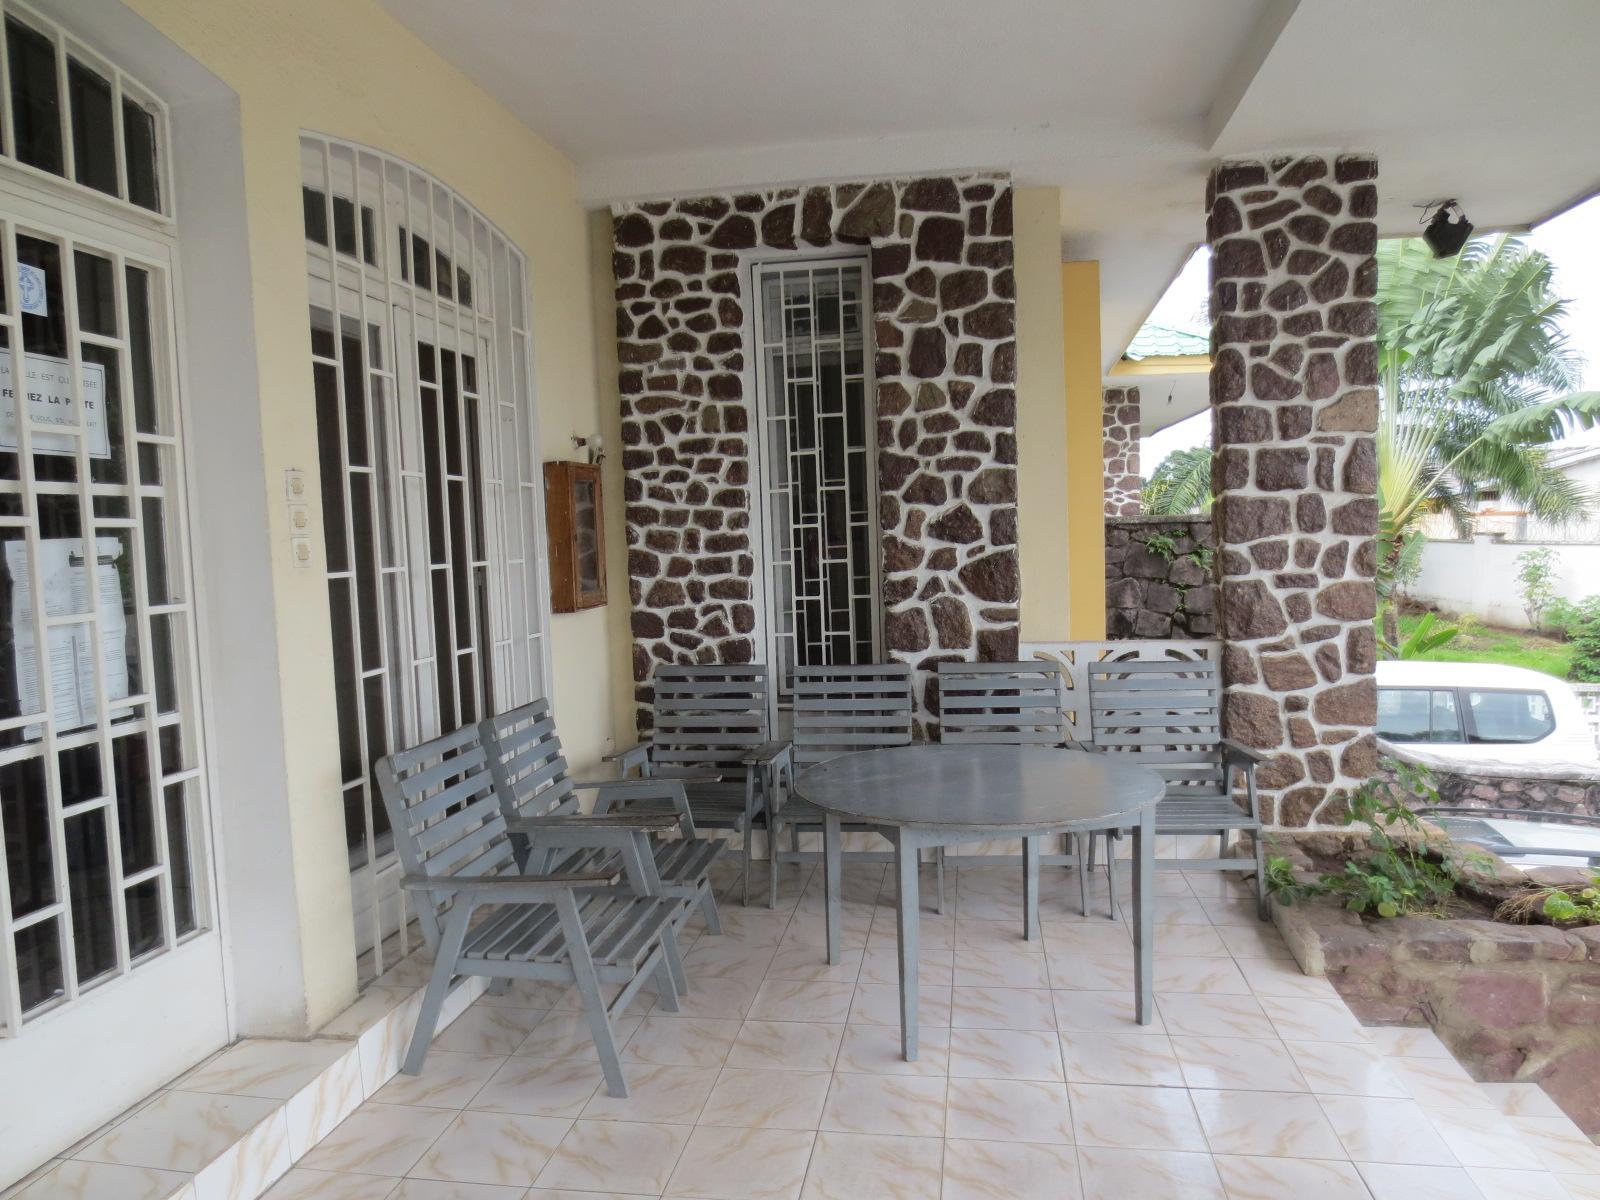 iThe altan at Nzo Binati